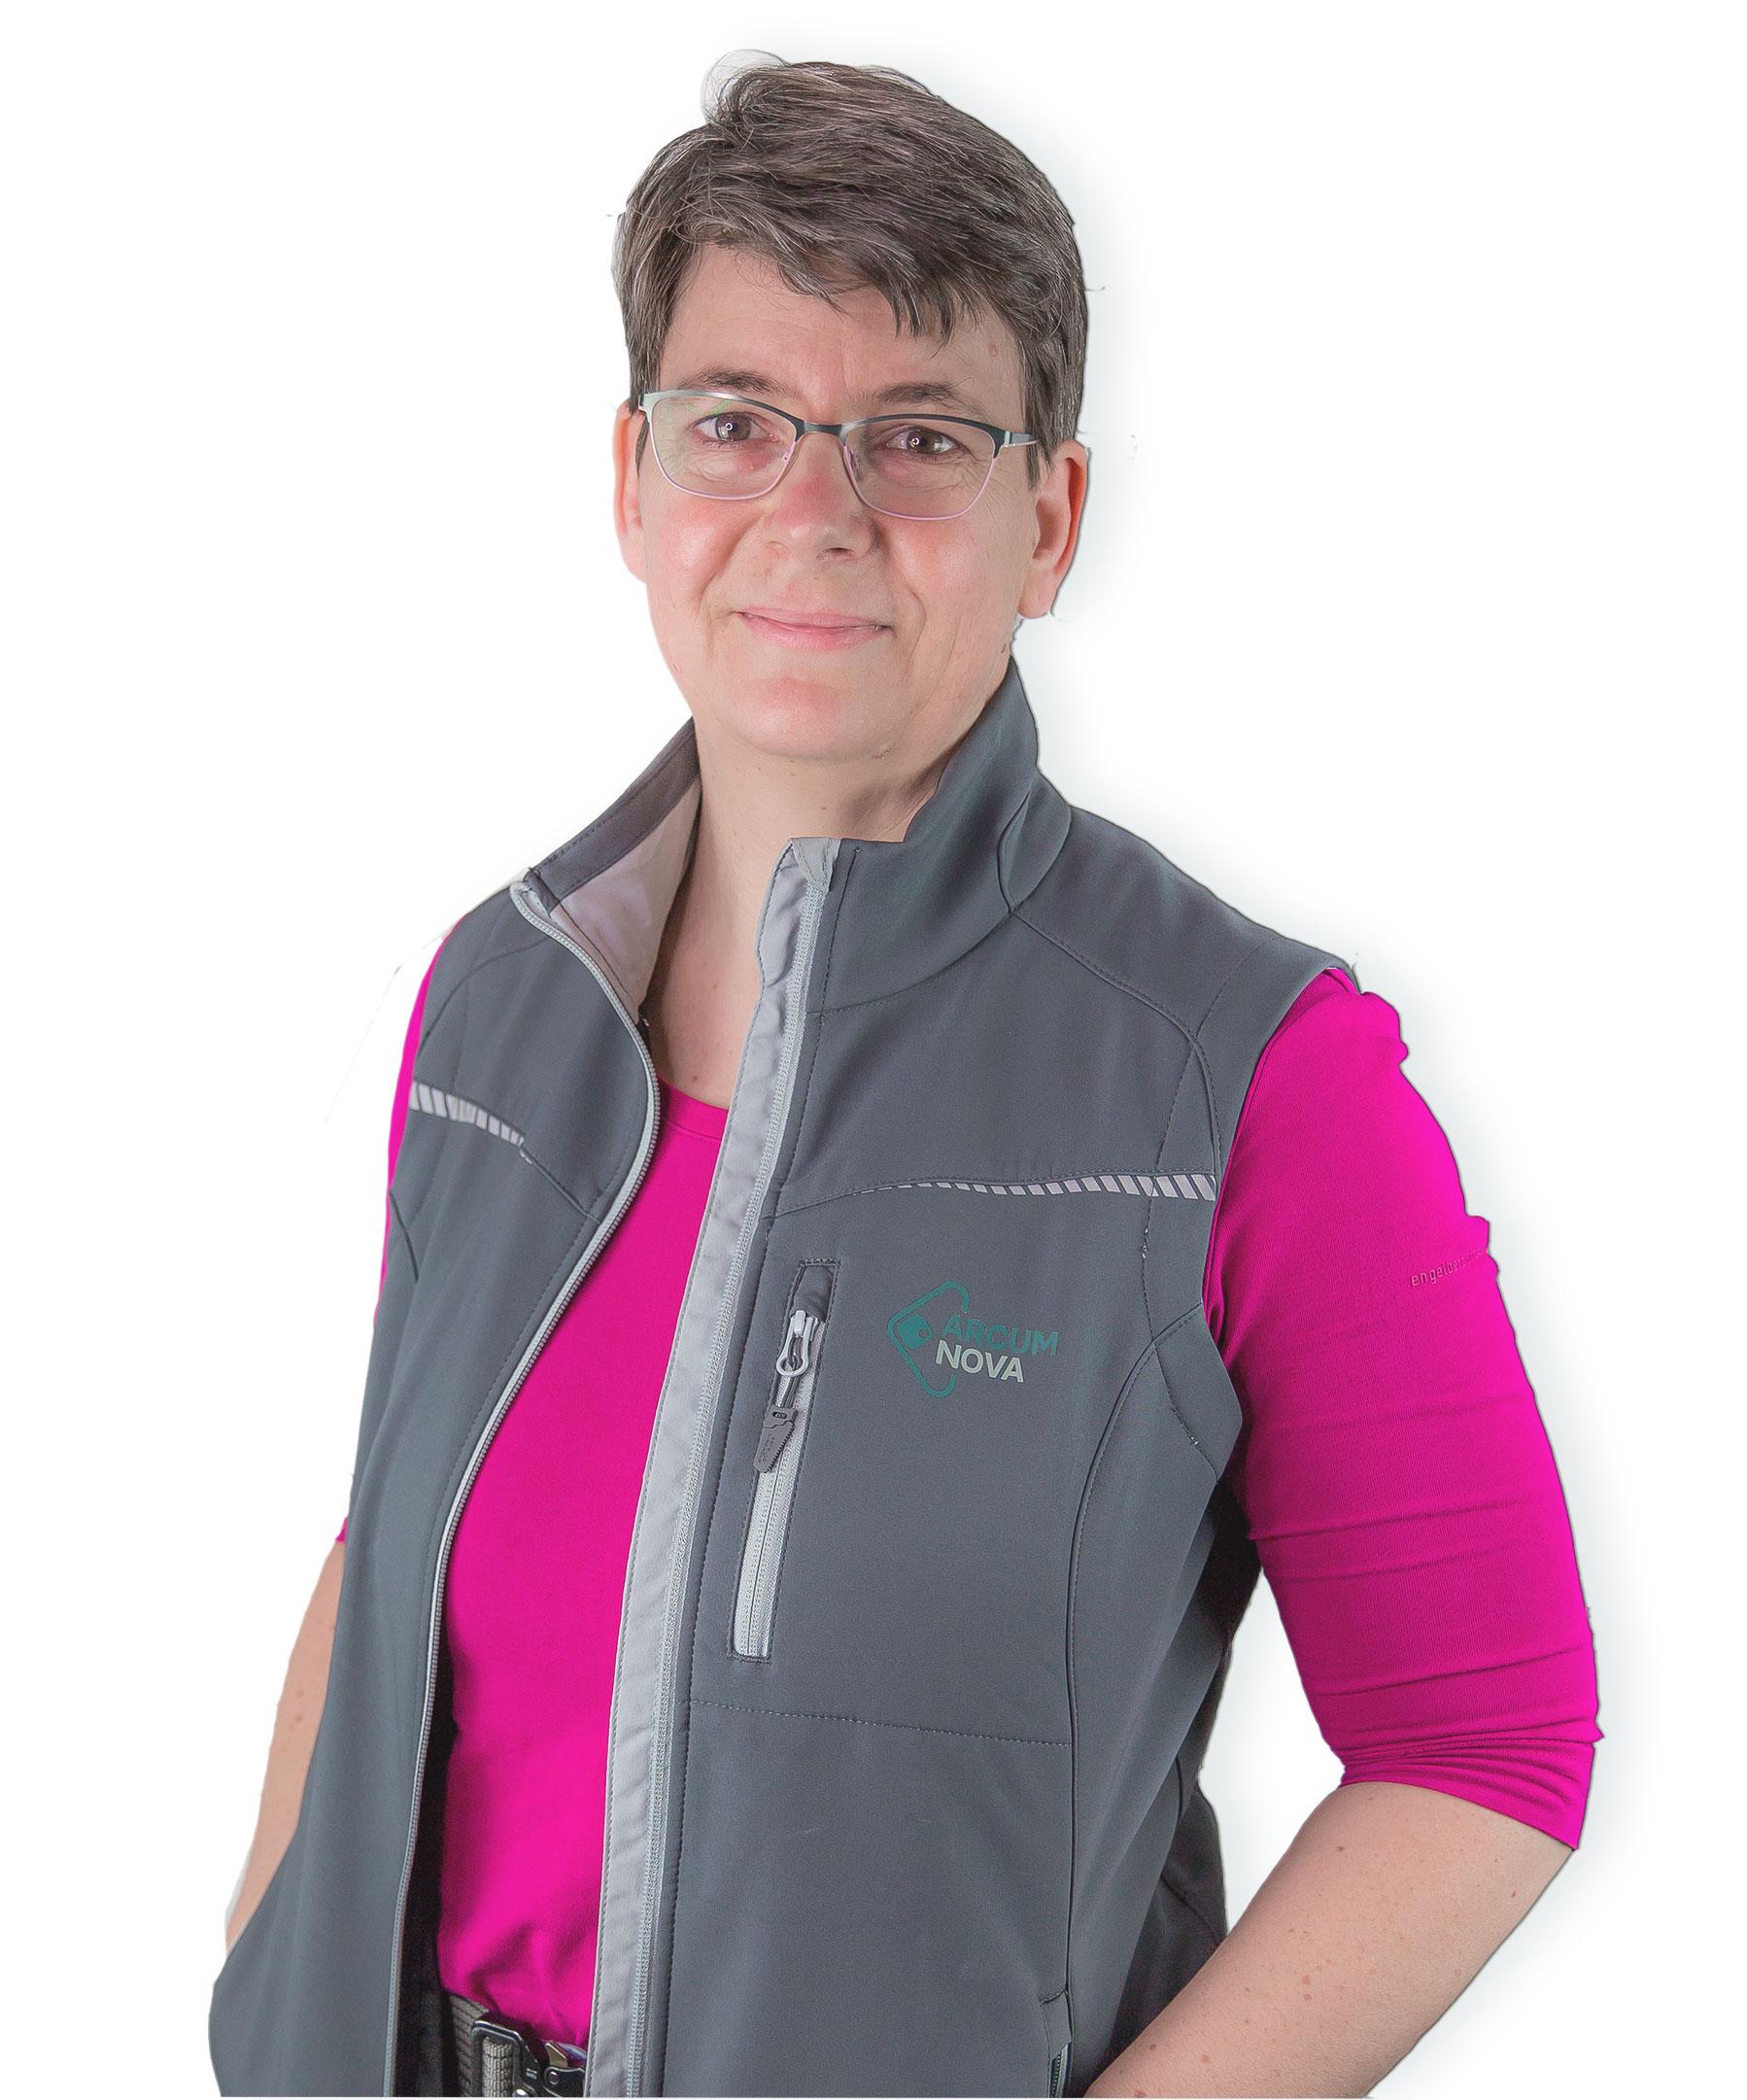 Michaela Mocke Gründerin von Arcum-Nova